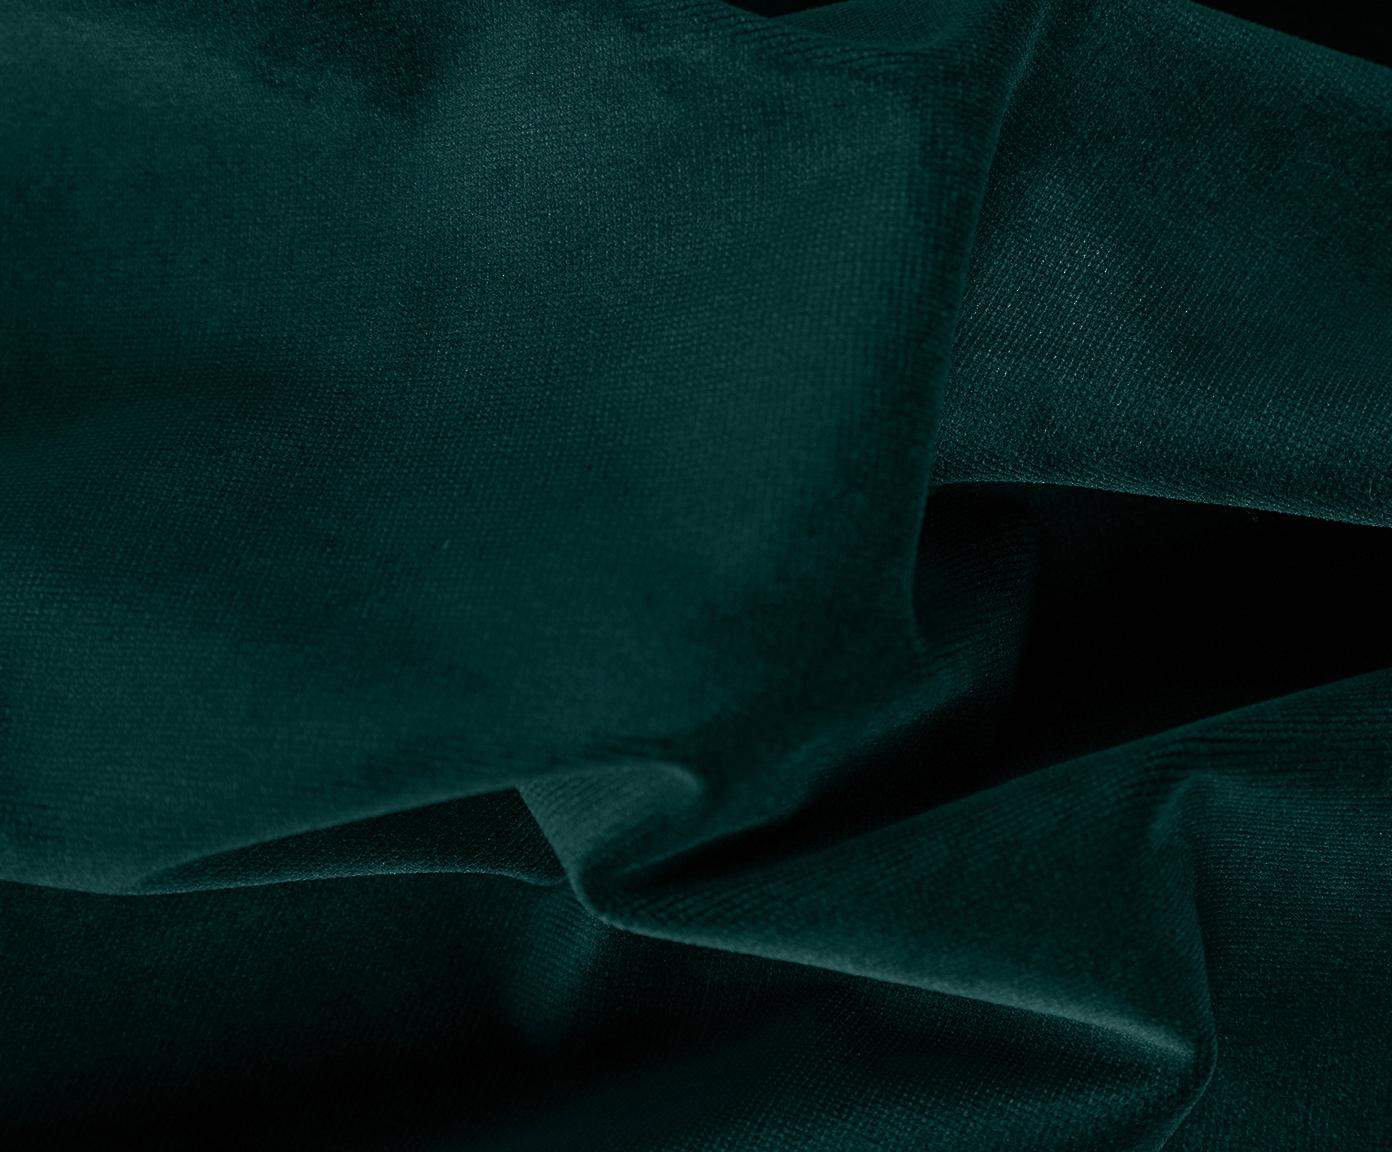 Fluwelen hoekbank Fluente, Bekleding: fluweel (hoogwaardig poly, Frame: massief grenenhout, Poten: gelakt metaal, Donkergroen, B 221 x D 200 cm